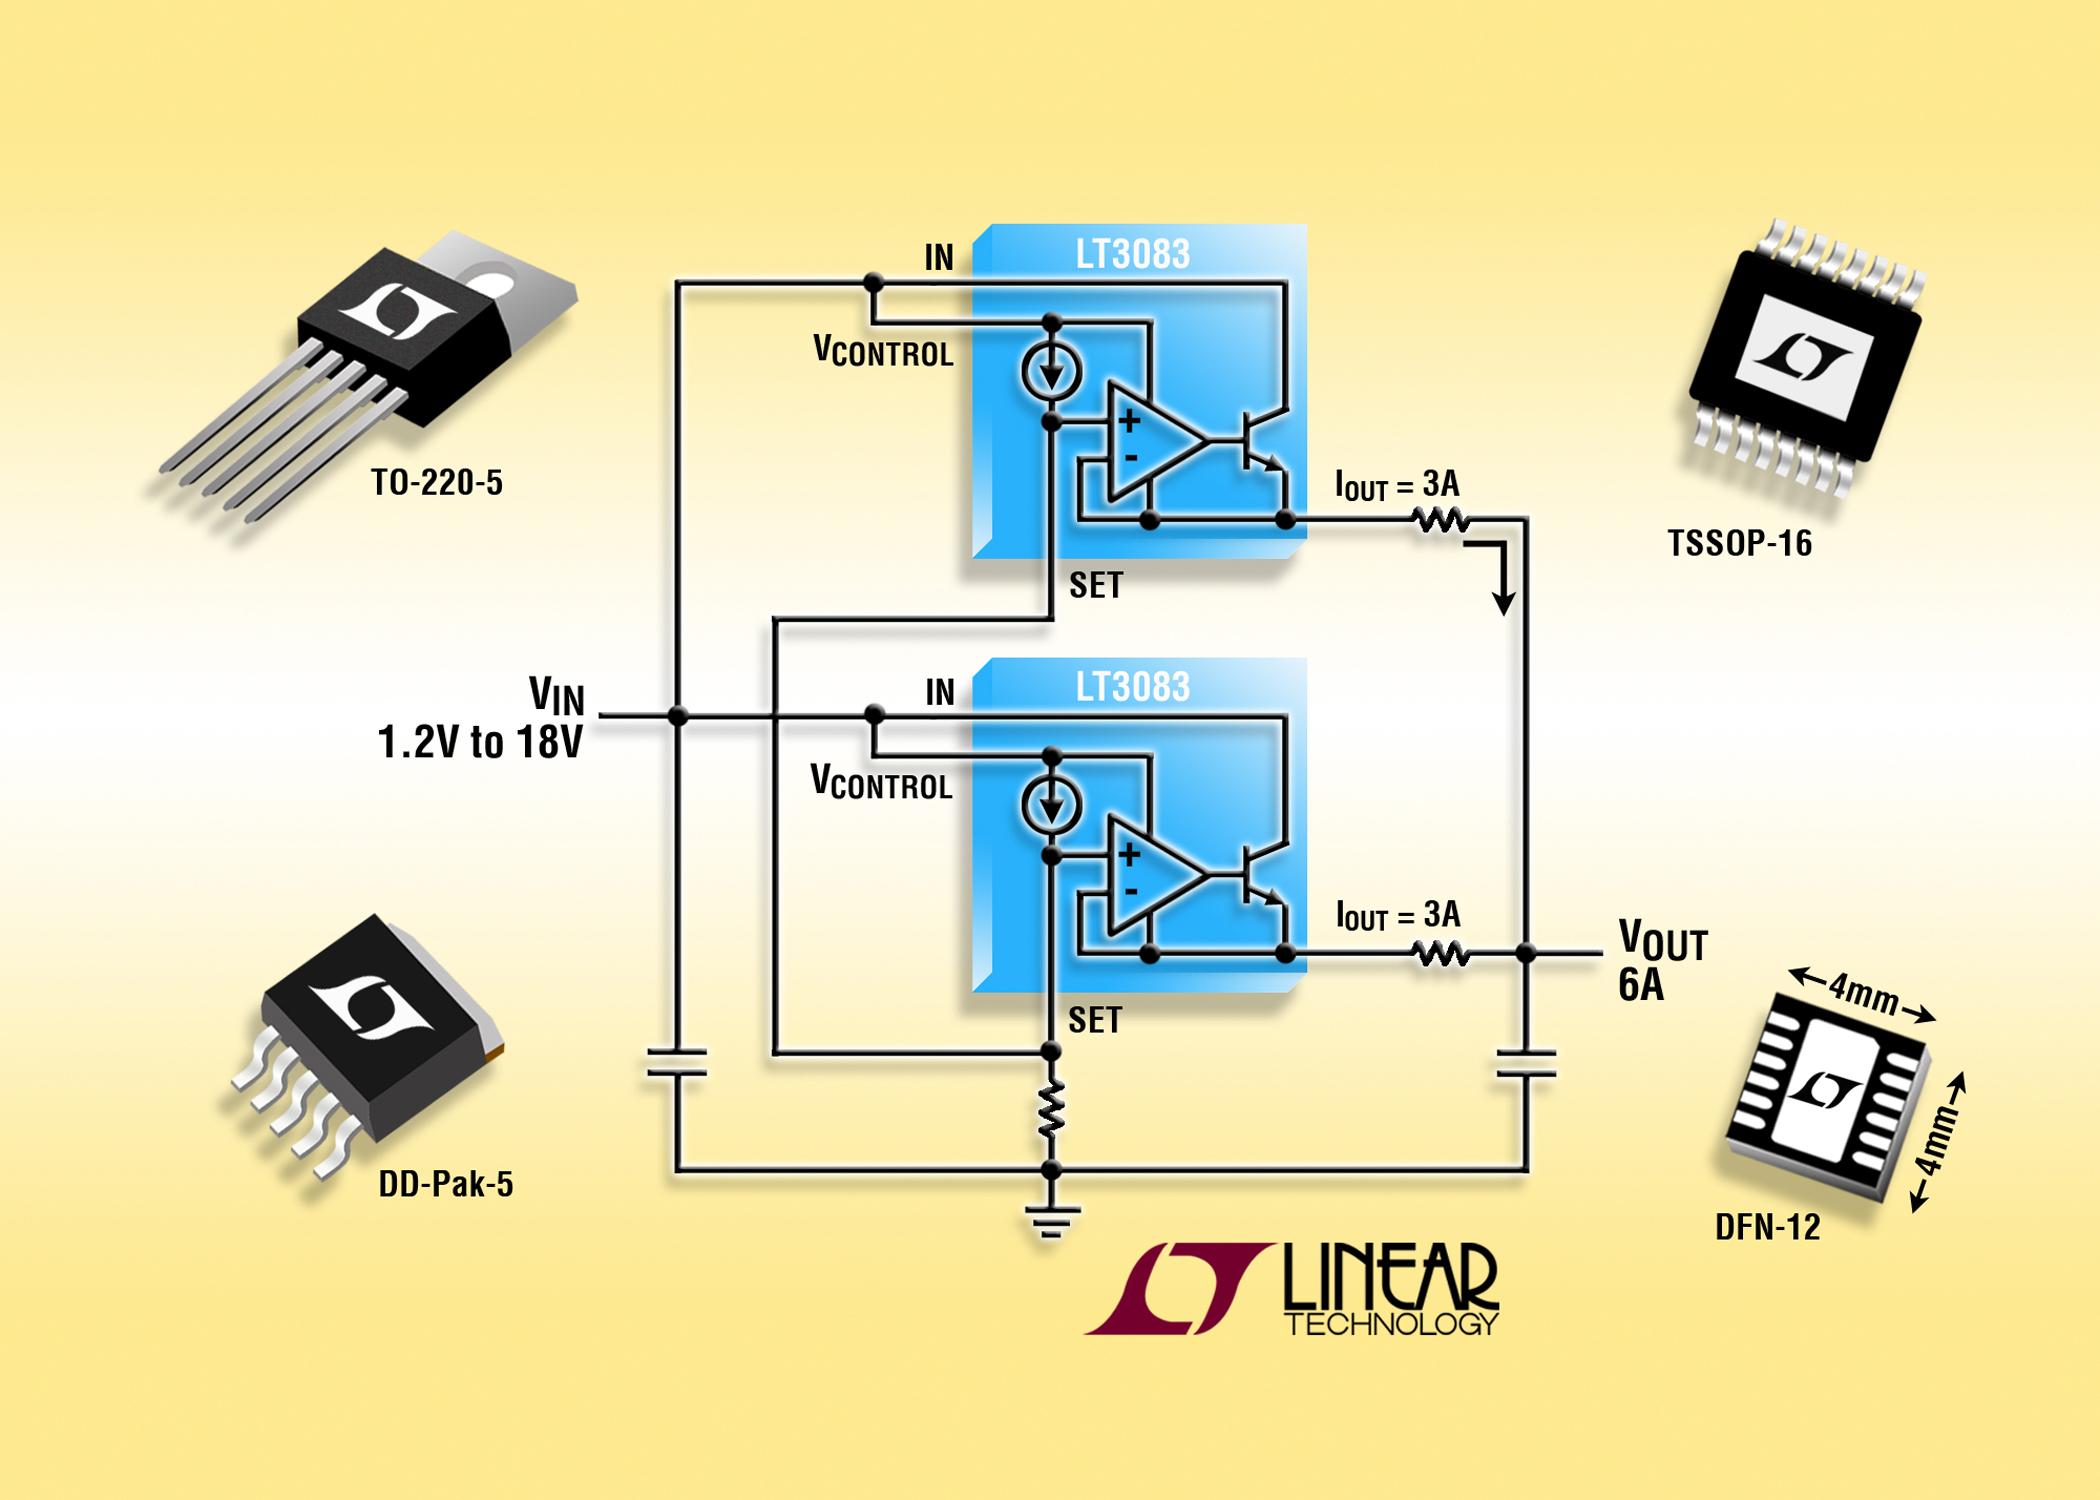 照片说明:新一代、可采用单电阻设置和非常容易并联的 3A LDO